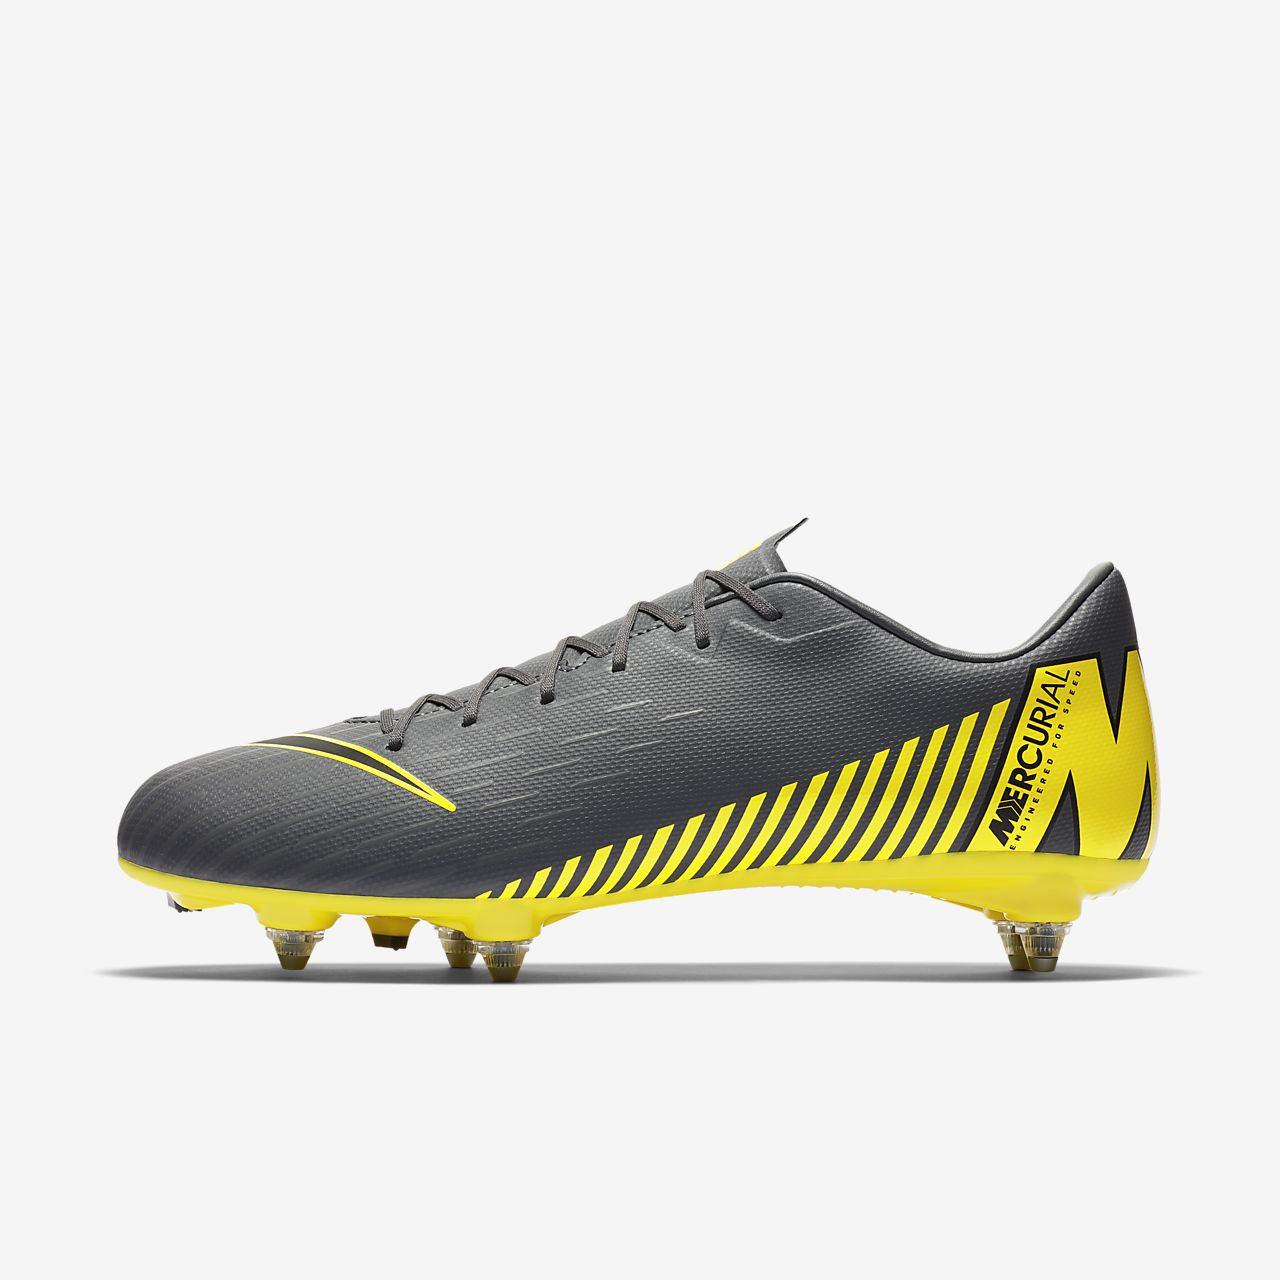 9ea5d3ca3677 ... Korki piłkarskie na miękką murawę Nike Mercurial Vapor XII Academy  SG-PRO